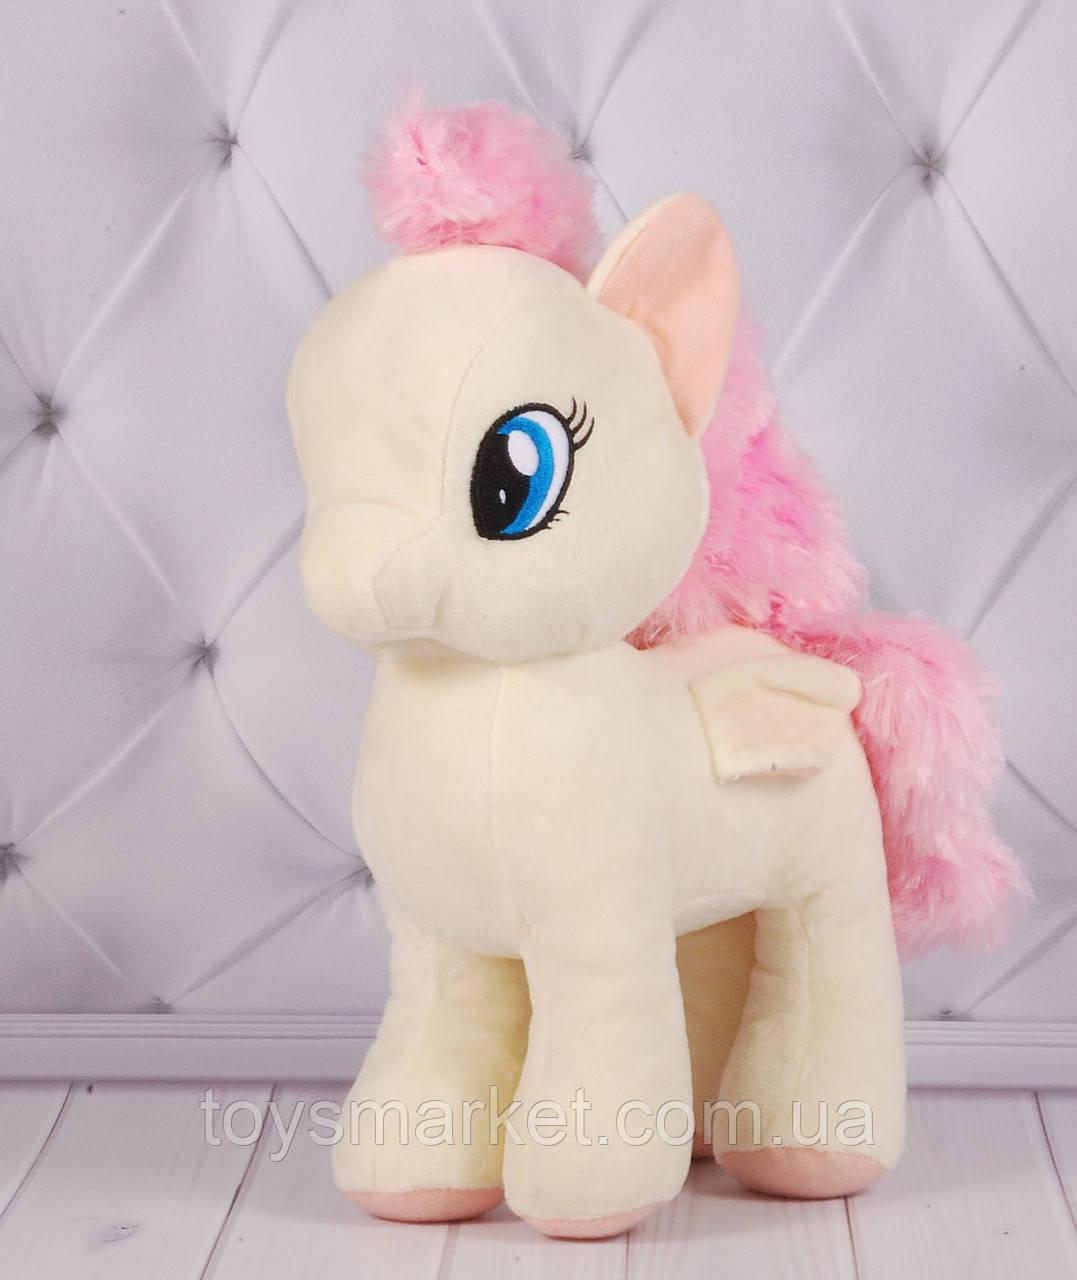 Мягкая игрушка Пони, My Little Pony, музыкальная игрушка